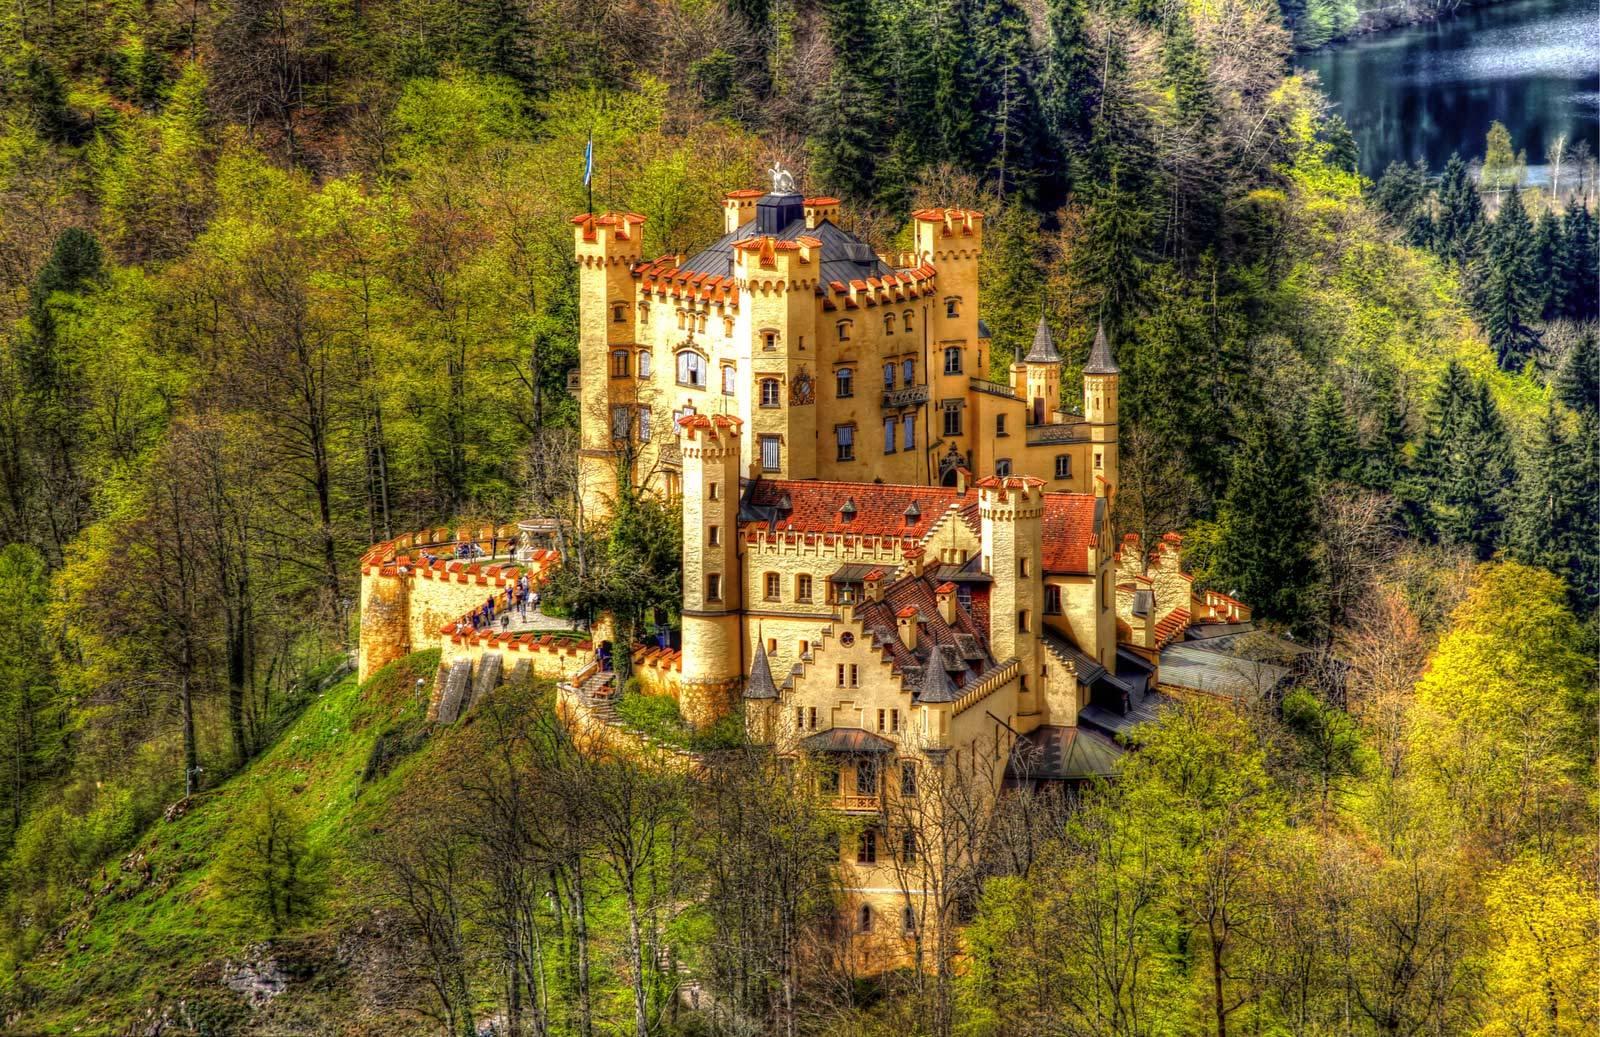 Замок нойшванштайн, германия (бавария). как добраться из мюнхена, экскурсии, билеты, отели рядом, история, легенды, официальный сайт, фото – туристер.